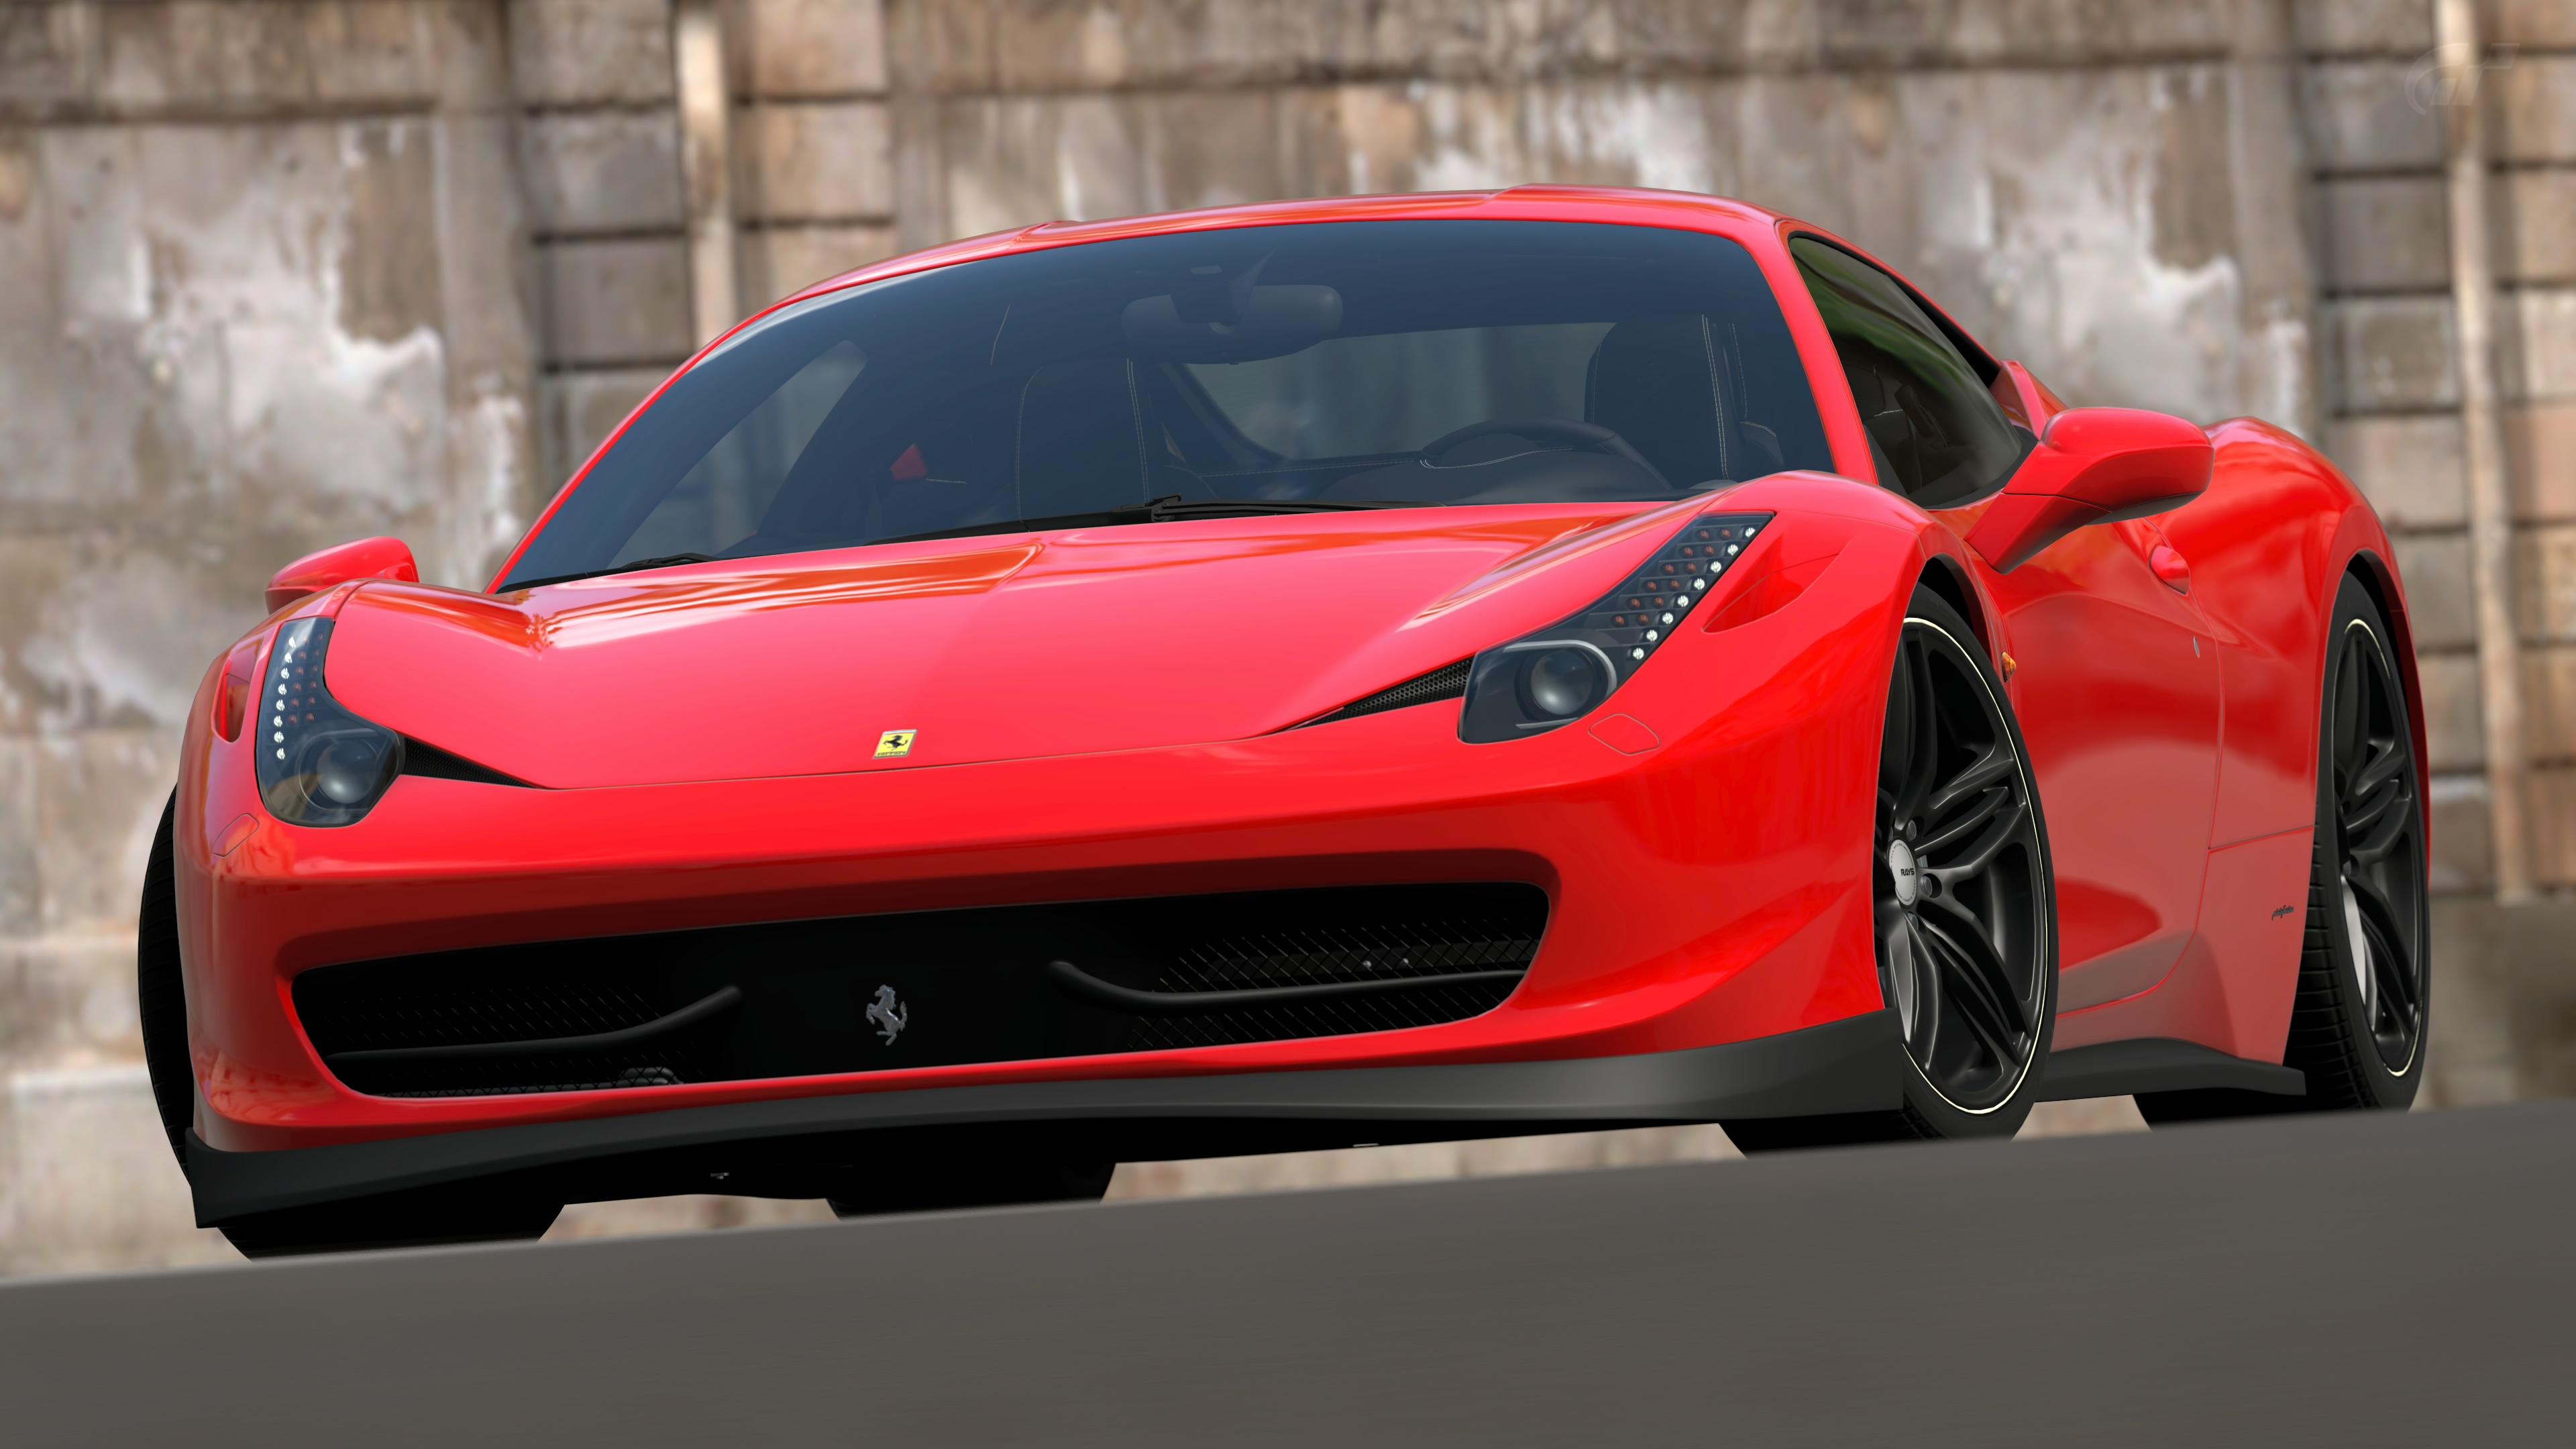 Ferrari 458 Italia (Gran Turismo 6) by Vertualissimo